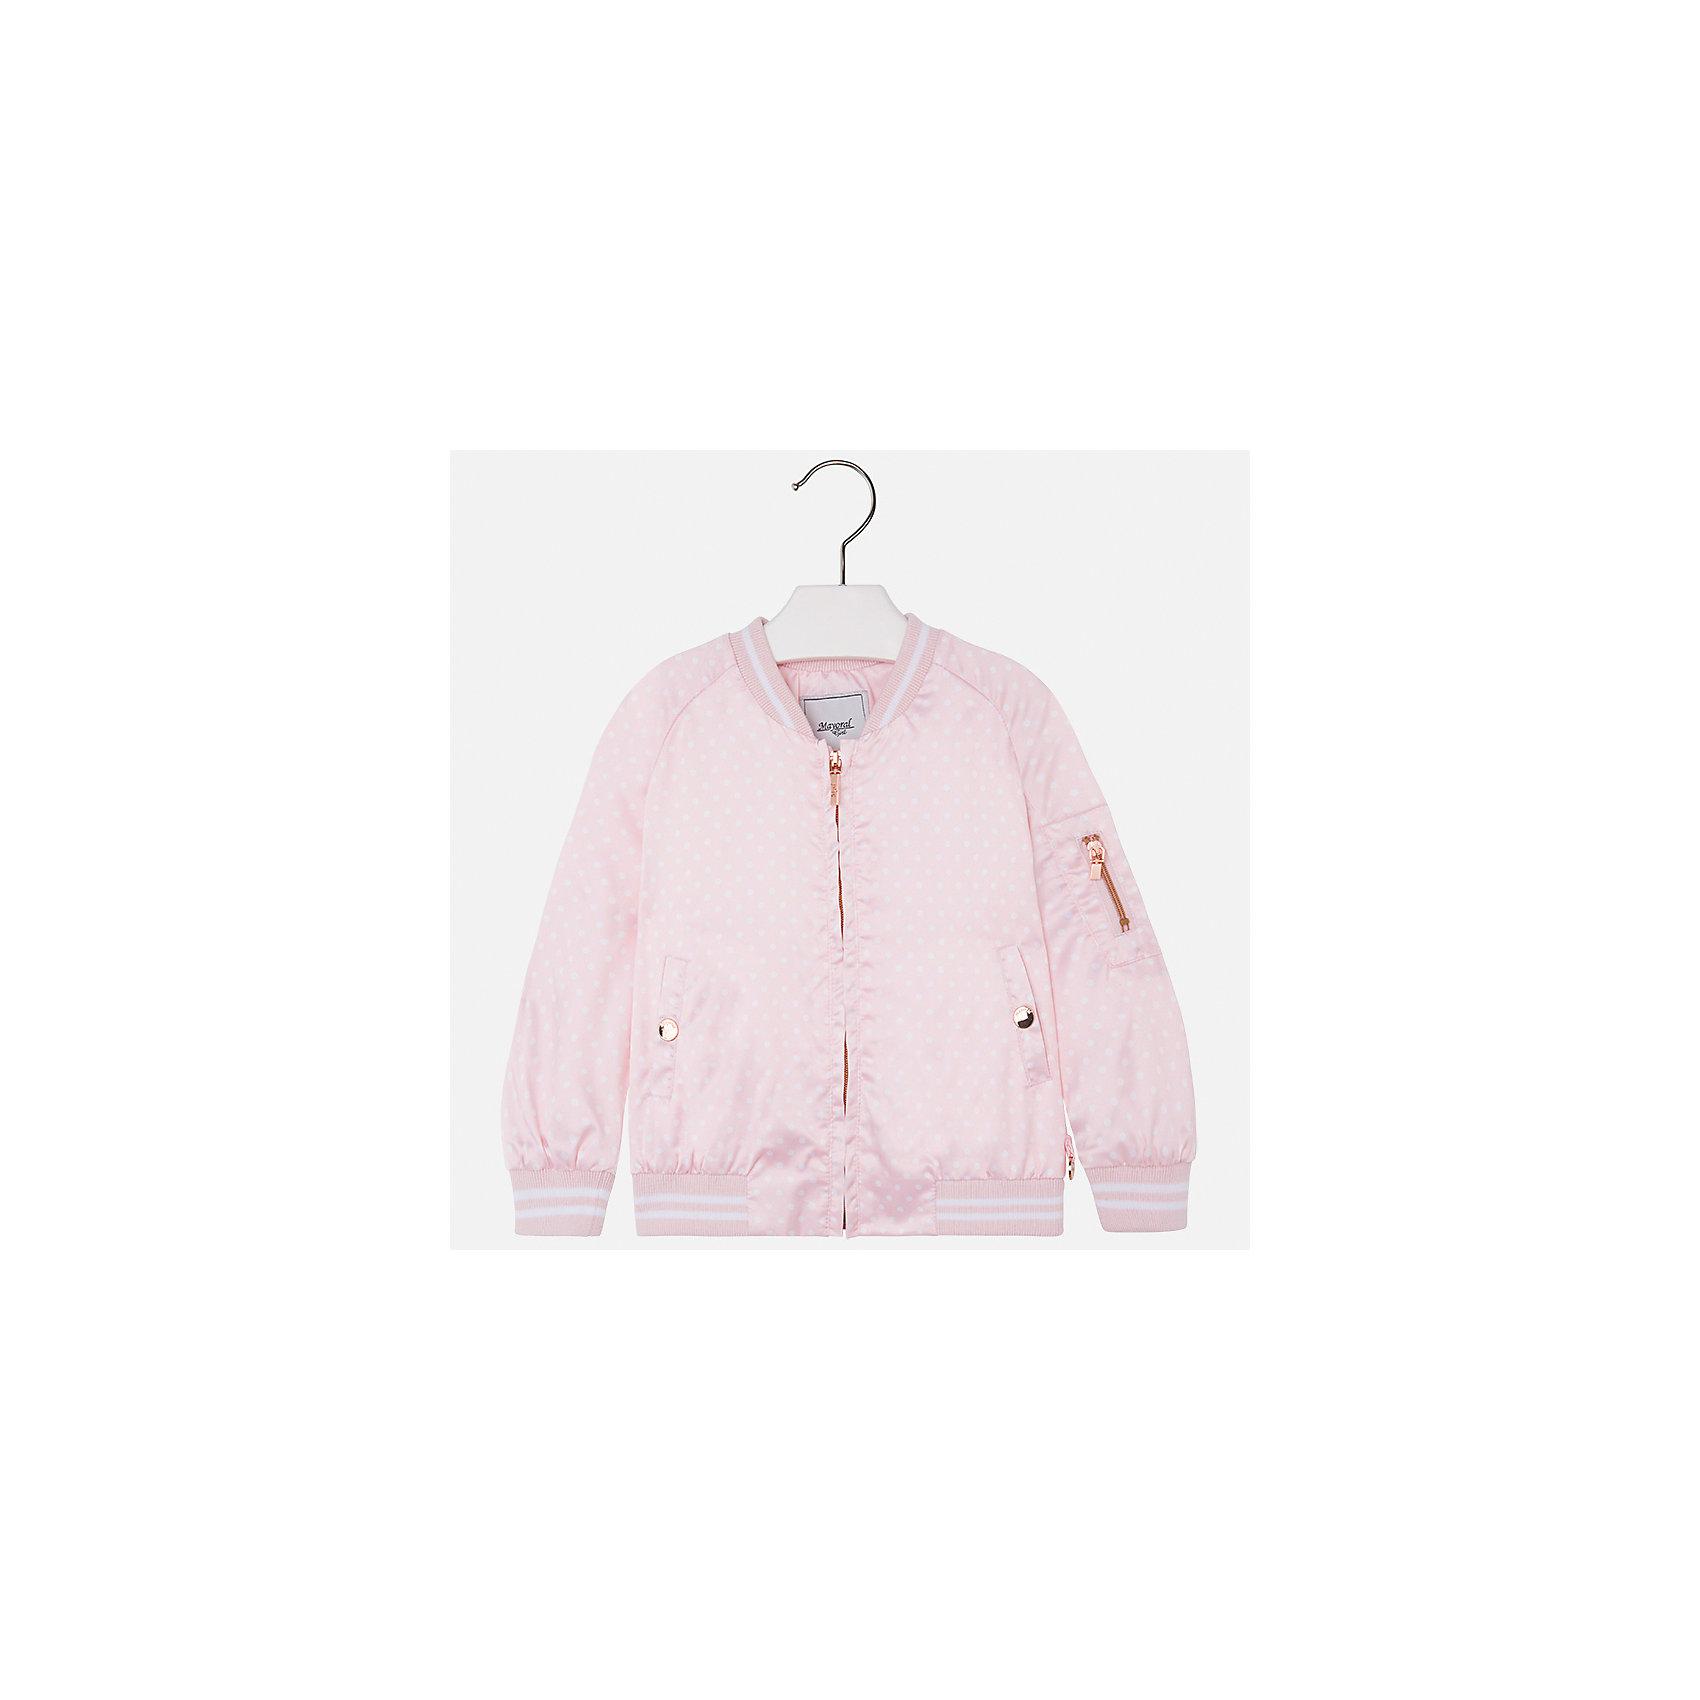 Куртка для девочки MayoralВетровки и жакеты<br>Характеристики товара:<br><br>• цвет: розовый<br>• состав: 97% полиэстер, 3% эластан<br>• застежка: молния<br>• карманы<br>• с длинными рукавами <br>• манжеты<br>• низ - трикотажная резинка<br>• страна бренда: Испания<br><br>Модная удобная куртка для девочки поможет разнообразить гардероб ребенка и обеспечить тепло в прохладную погоду. Она отлично сочетается и с юбками, и с брюками. Красивый цвет позволяет подобрать к вещи низ различных расцветок. Интересная отделка модели делает её нарядной и стильной. <br><br>Одежда, обувь и аксессуары от испанского бренда Mayoral полюбились детям и взрослым по всему миру. Модели этой марки - стильные и удобные. Для их производства используются только безопасные, качественные материалы и фурнитура. Порадуйте ребенка модными и красивыми вещами от Mayoral! <br><br>Куртку для девочки от испанского бренда Mayoral (Майорал) можно купить в нашем интернет-магазине.<br><br>Ширина мм: 356<br>Глубина мм: 10<br>Высота мм: 245<br>Вес г: 519<br>Цвет: розовый<br>Возраст от месяцев: 18<br>Возраст до месяцев: 24<br>Пол: Женский<br>Возраст: Детский<br>Размер: 92,134,98,104,110,116,122,128<br>SKU: 5290251